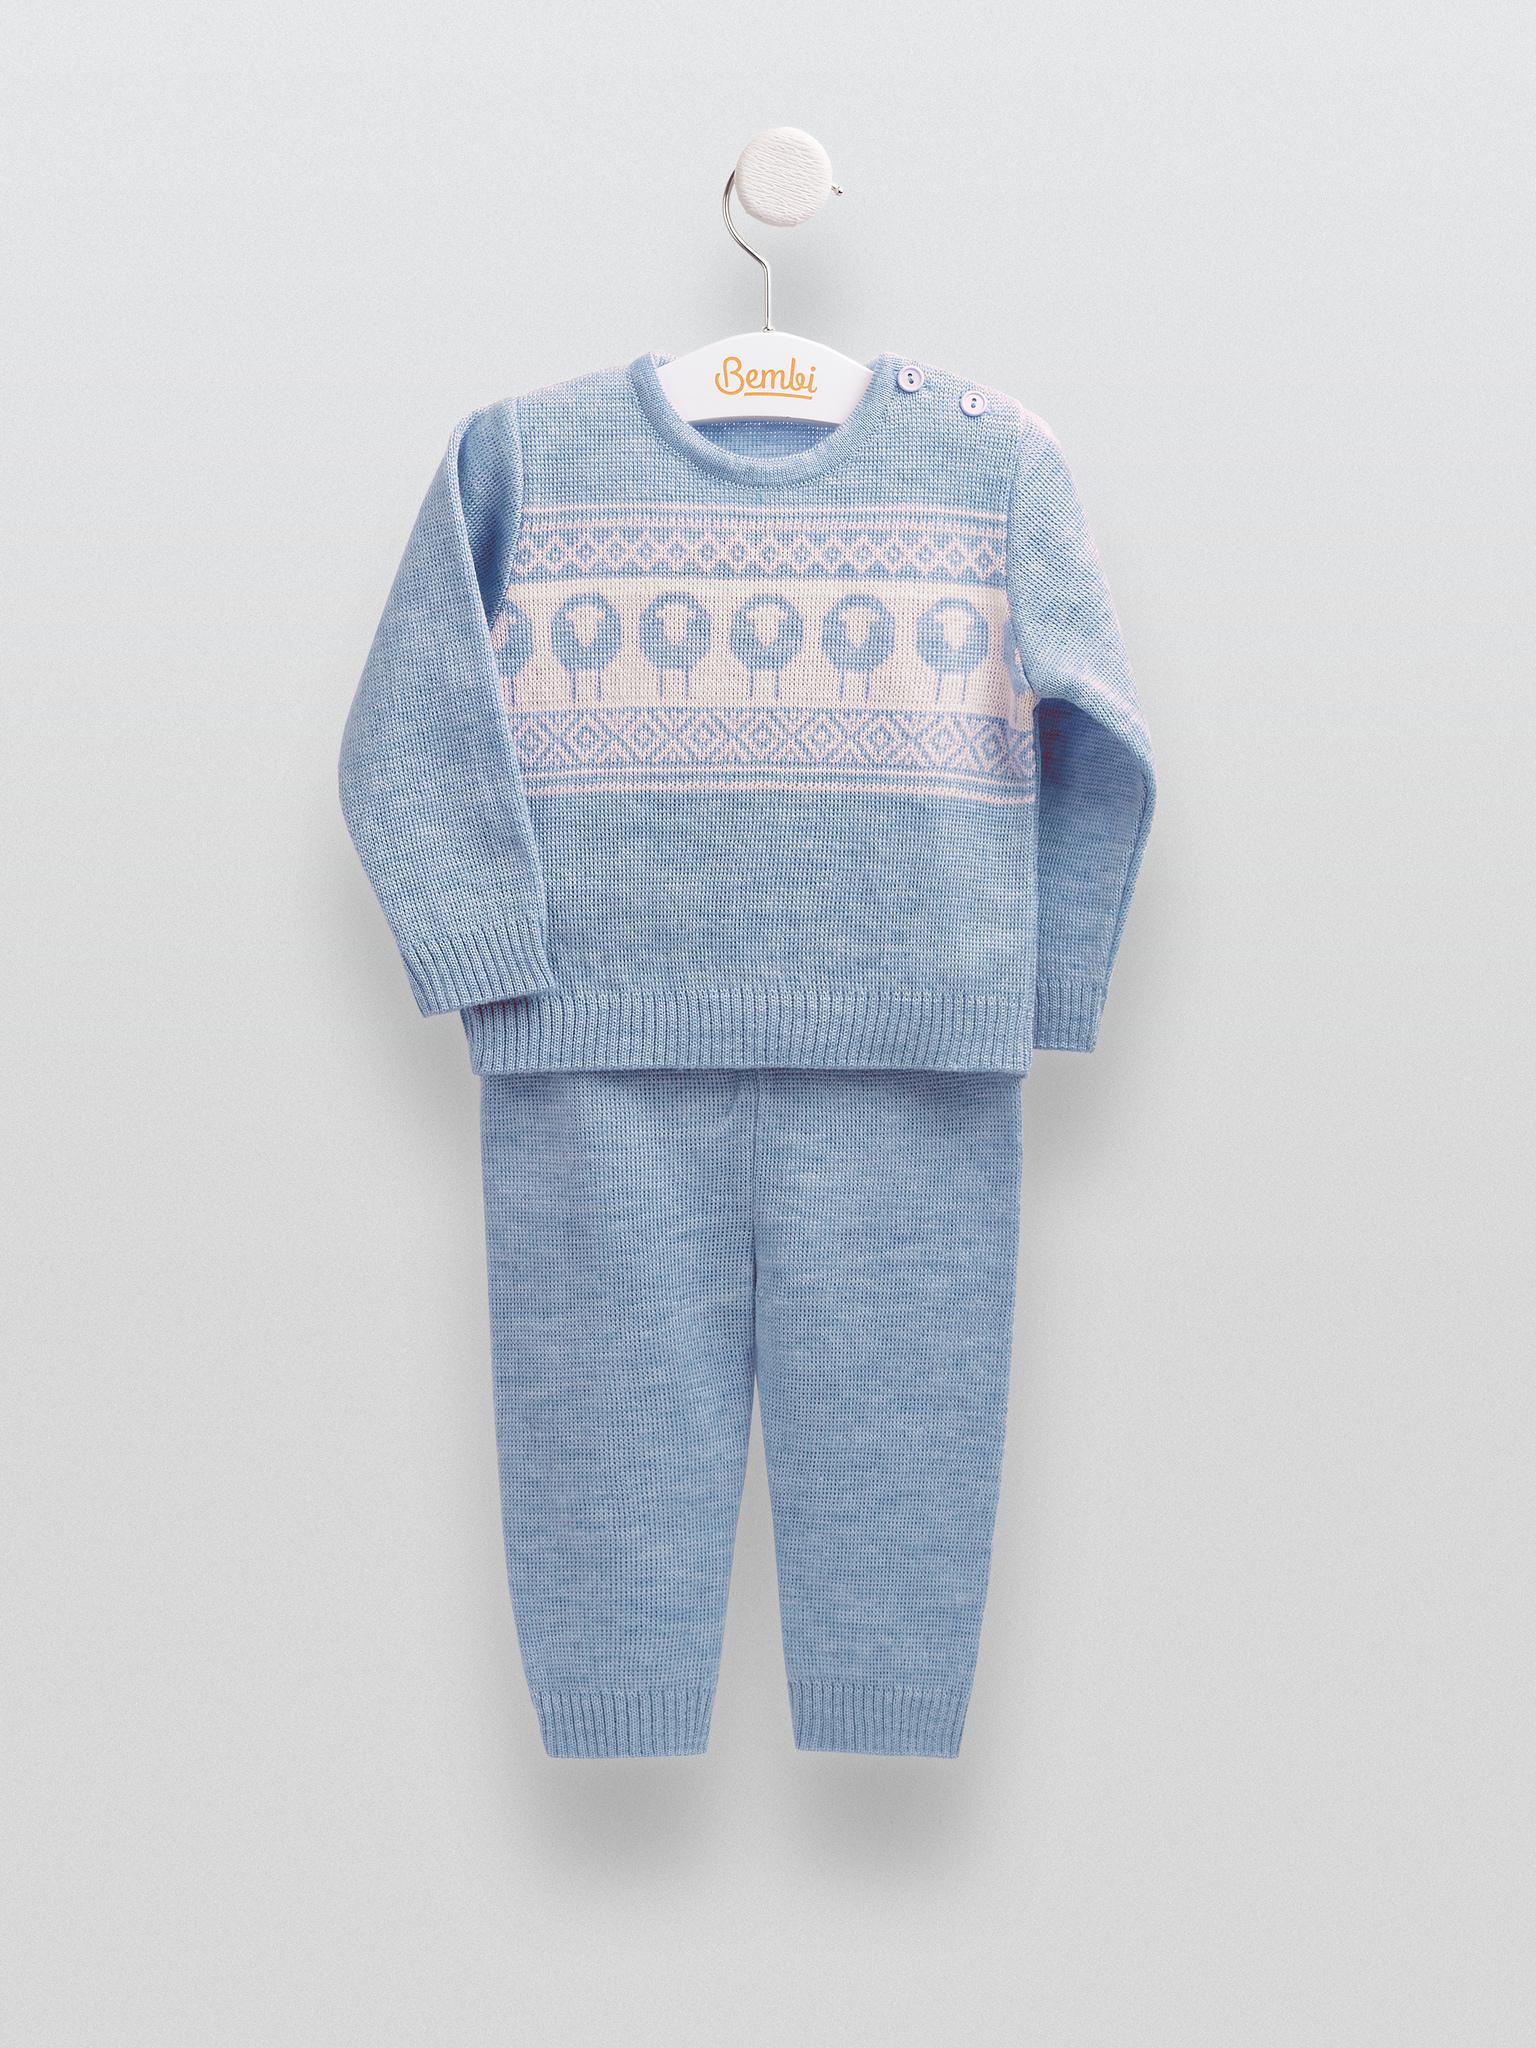 кс558 костюм детский вязаный купить в интернет магазине цена